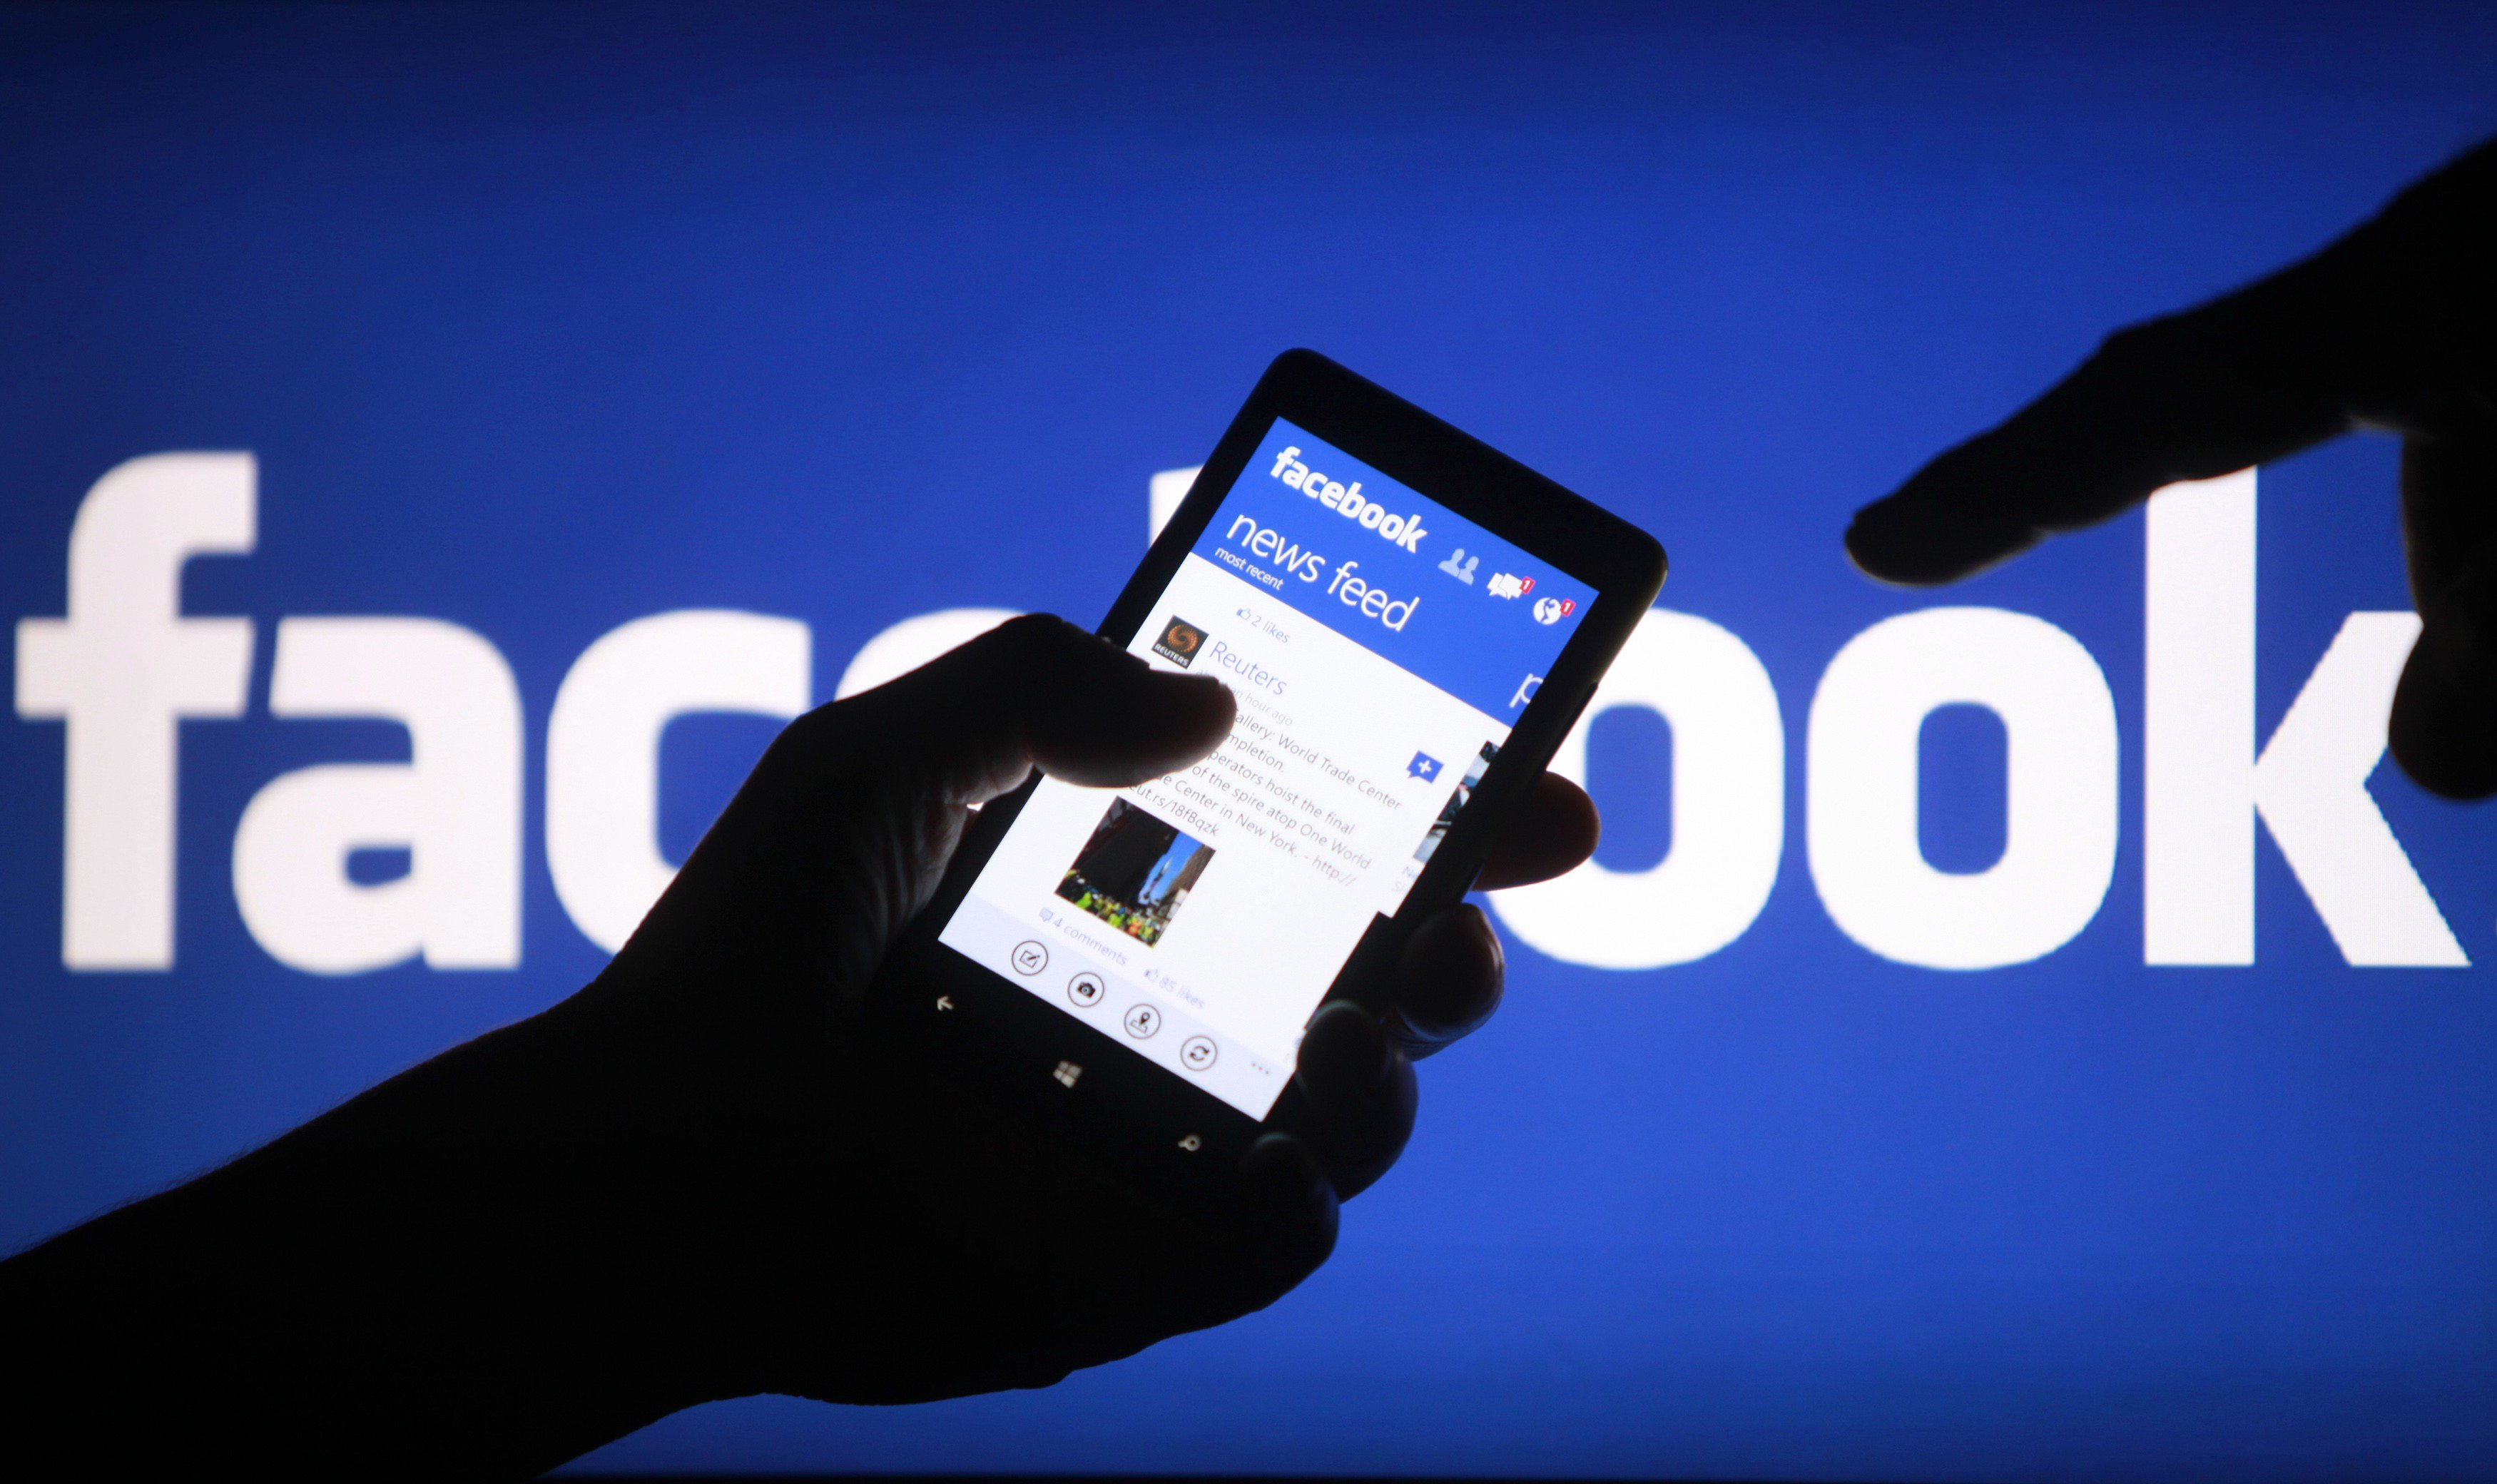 """""""فيسبوك"""" يحذف 1.5 مليار حساب مزيف في انحاء العالم"""